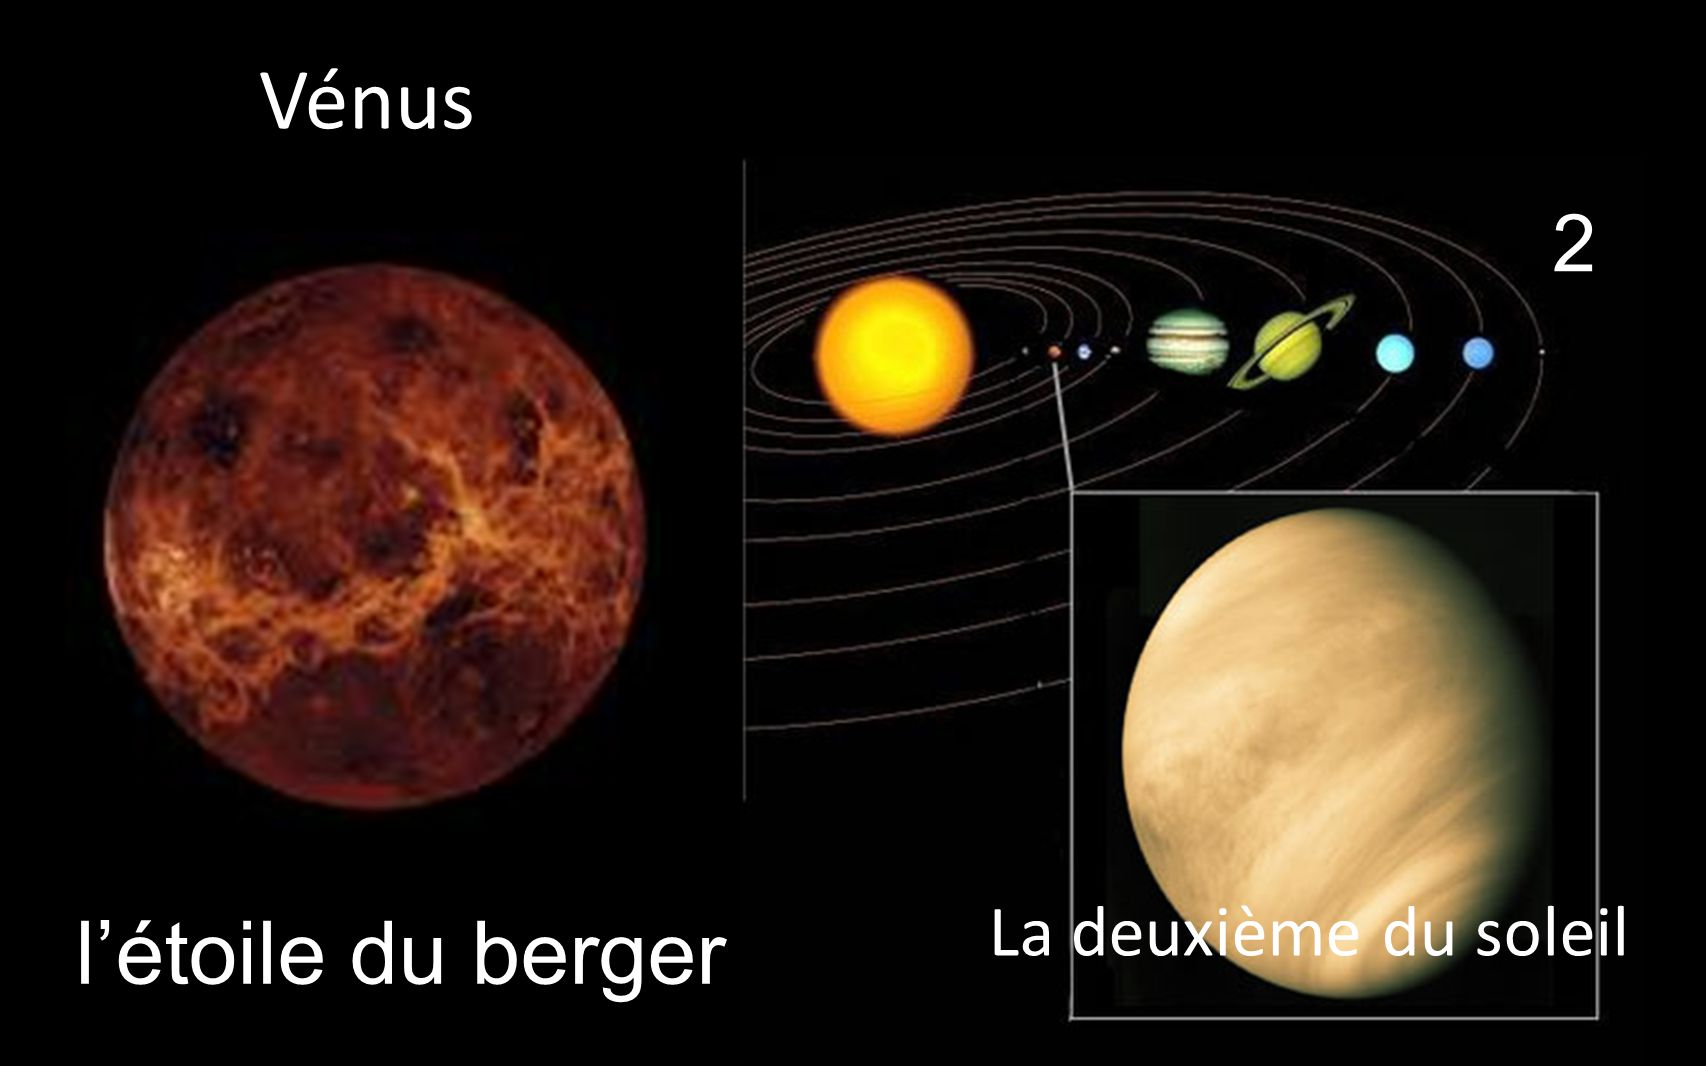 l'étoile du berger 2 La deuxième du soleil _Vénus